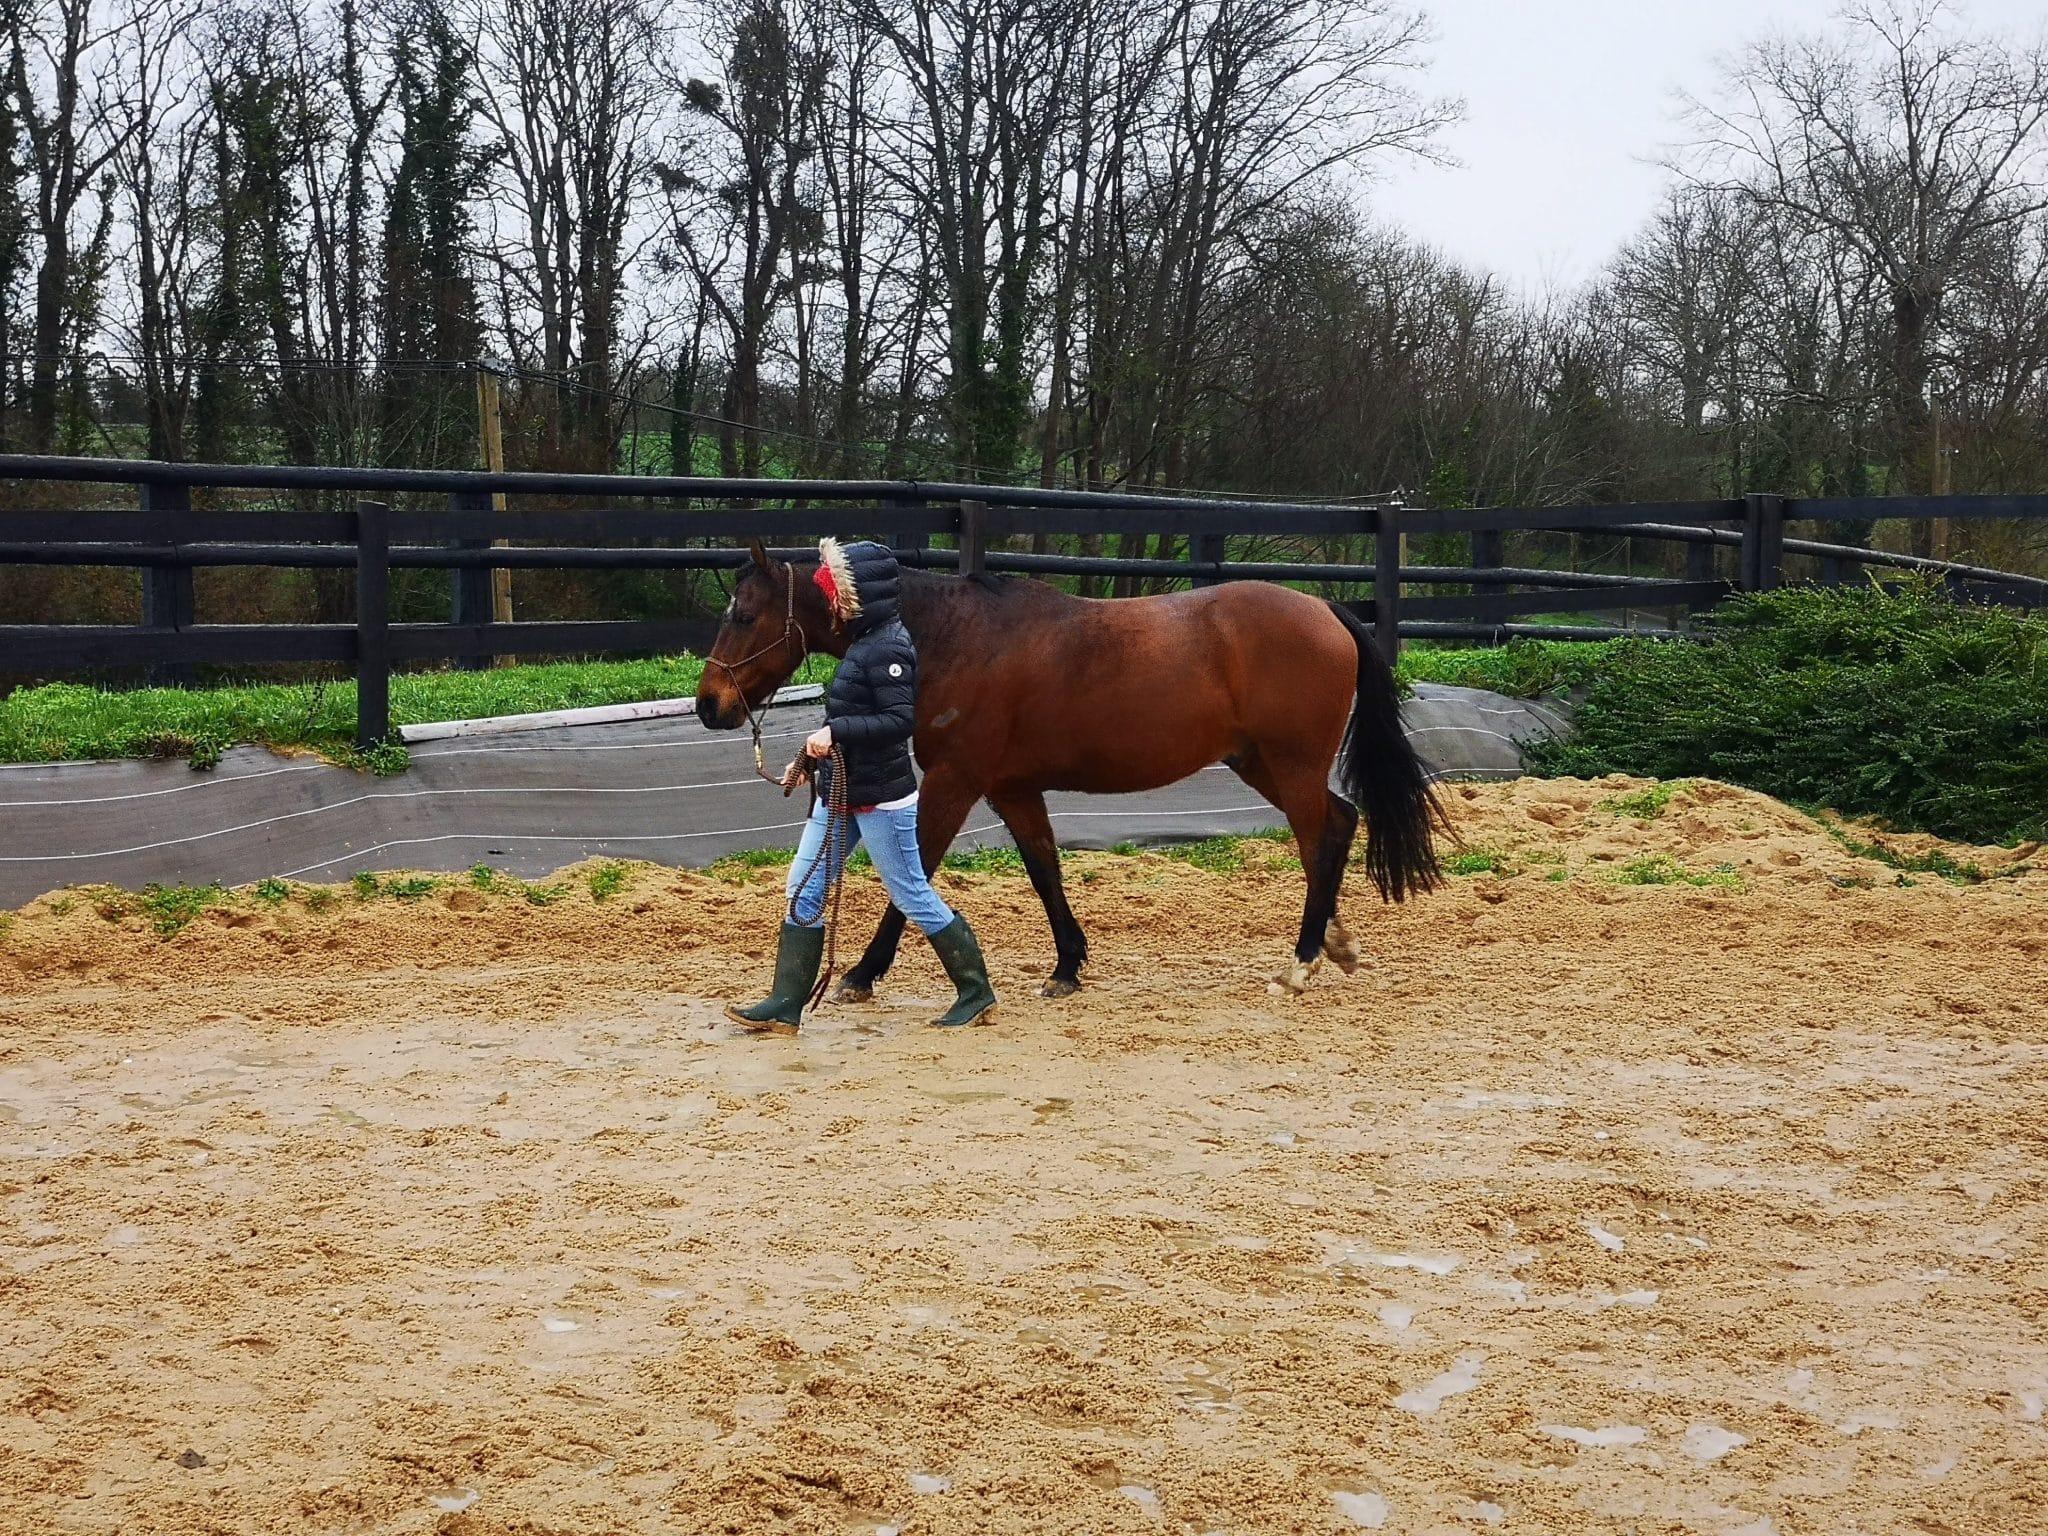 Par ailleurs, le cheval est uniquement sensible aux signaux qu'il détecte chez l'étudiant donc pas de tricherie possible. Ainsi, l'équicoaching apporte une réelle valeur ajoutée à la qualité du coaching d'orientation.